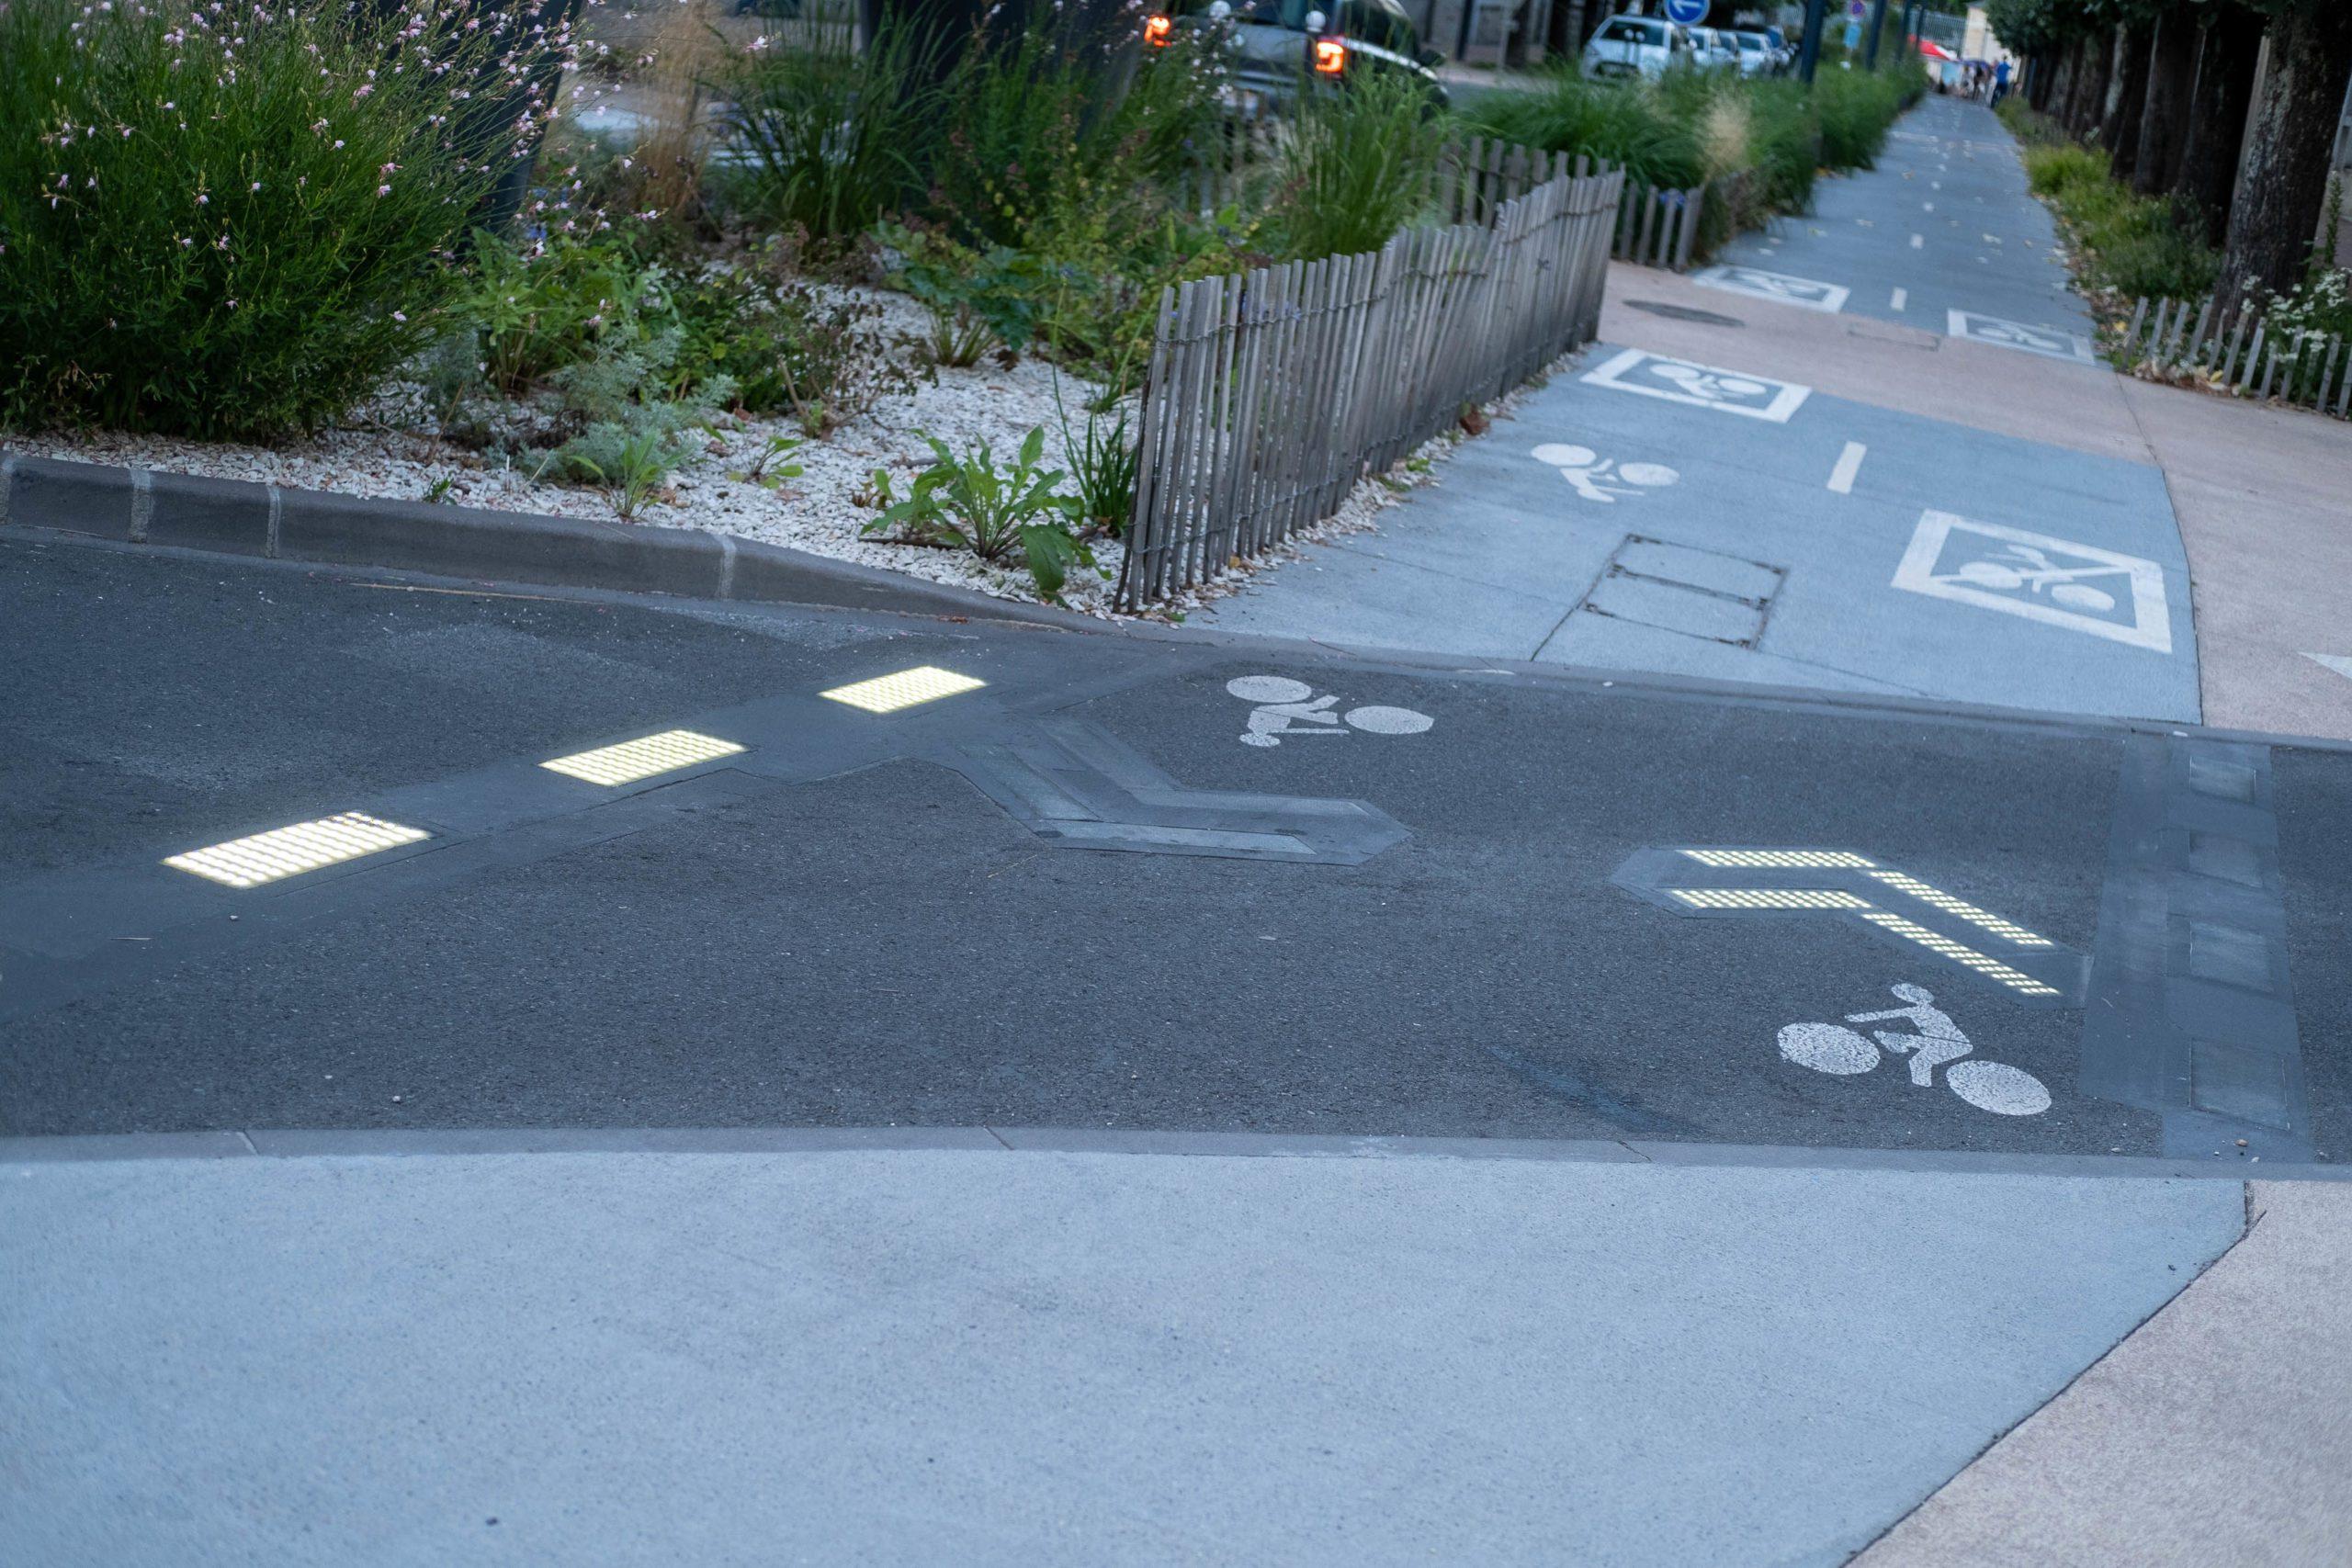 FRANCE, NEVERS, 2021/07/30. Illuminated crosswalk. Florian Jannot-Caeillete / APJ / Hans Lucas.FRANCE, NEVERS, 2021/07/30. Passage pieton lumineux. Florian Jannot-Caeillete / APJ / Hans Lucas.